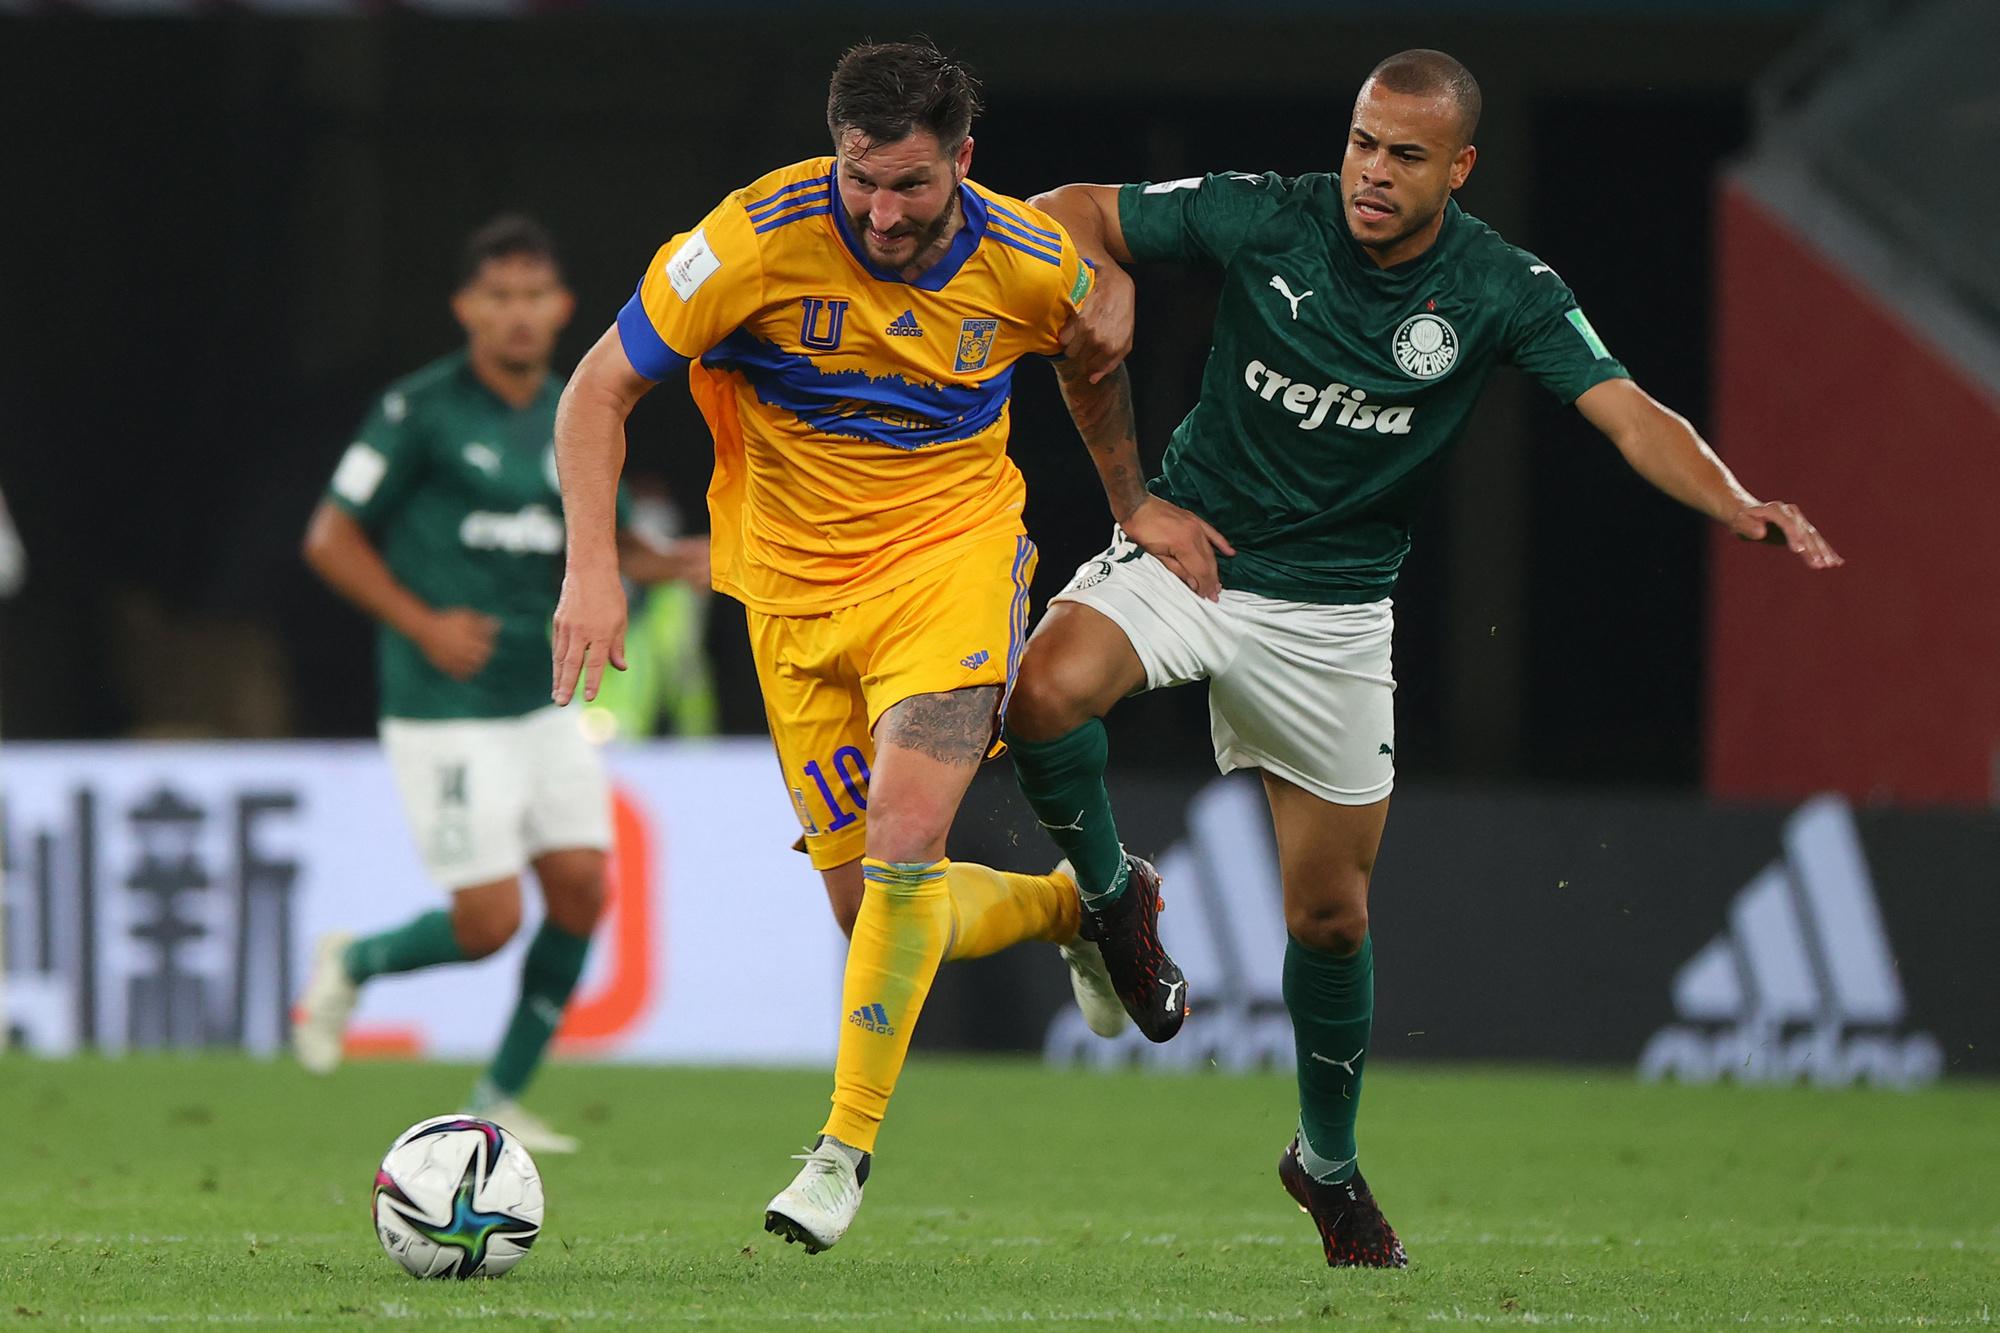 Le Français André-Pierre Gignac est qualifié pour la finale du Mondial des clubs avec les Tigres de Monterrey., AFP (Karim JAAFAR)